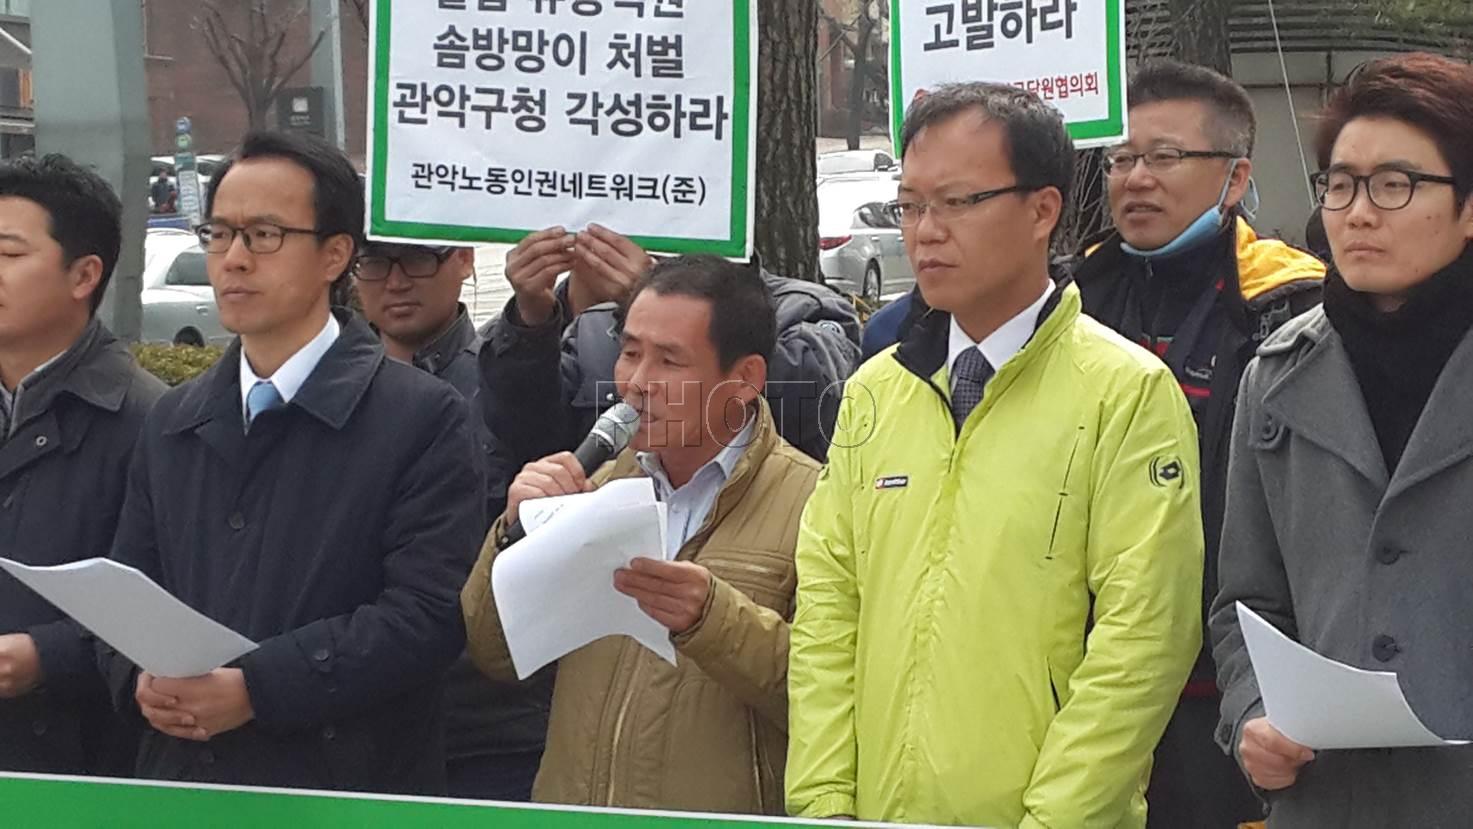 나경채 구의원, 노동자 권익보호 요구